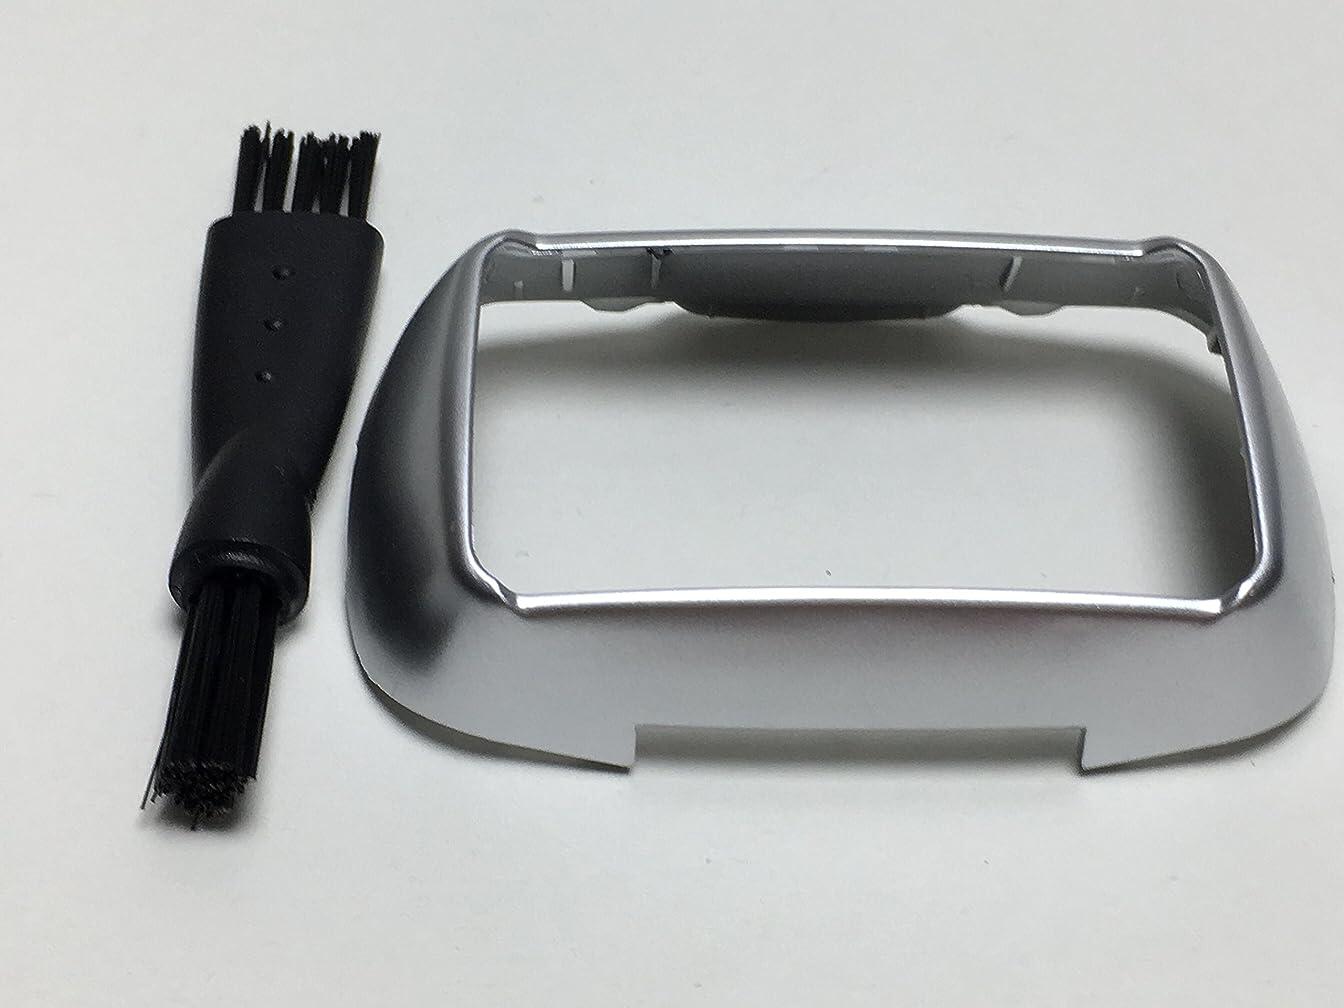 シェービングカミソリヘッドフレームホルダーカバー For Panasonic Arc5 ES-LV54 ES-LV56 ES-ELV5-K ES-LV53-K メンズ シェーバー Shaver Razor Head Frame Holder Cover シルバー